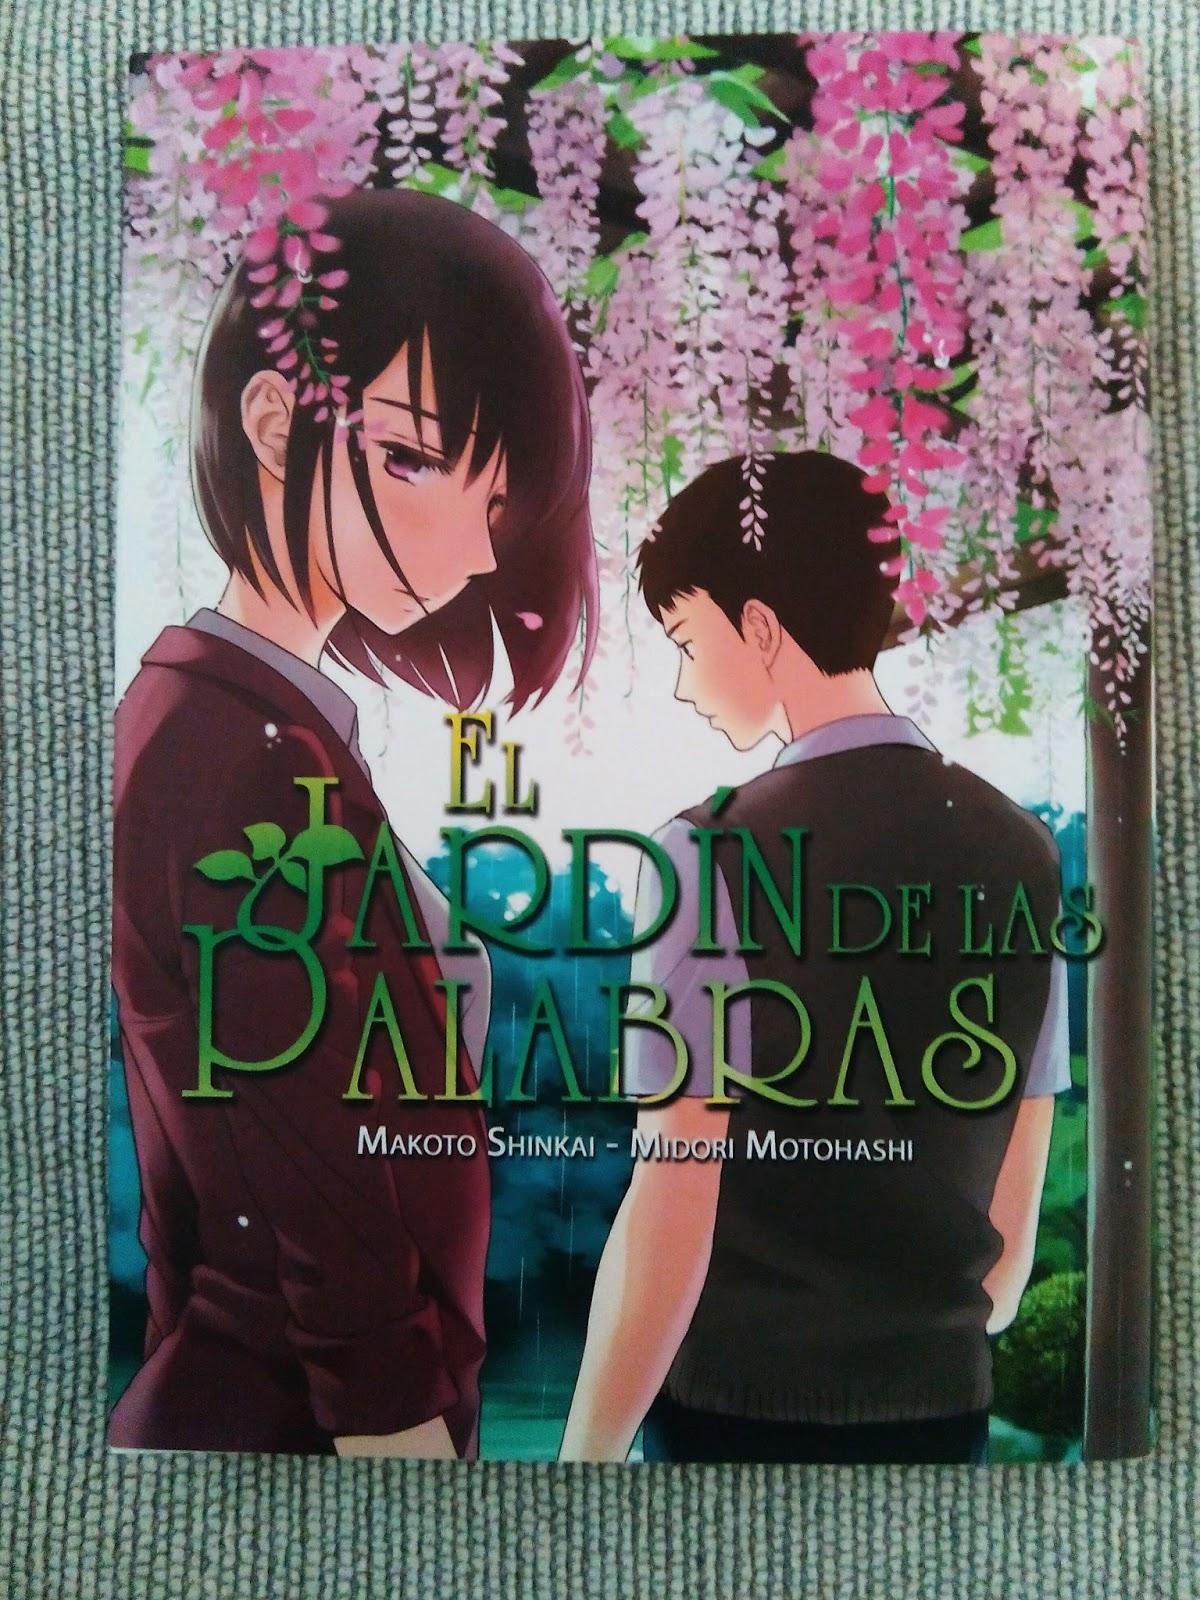 Full otaku rese a manga el jard n de las palabras for El jardin de las palabras filmaffinity